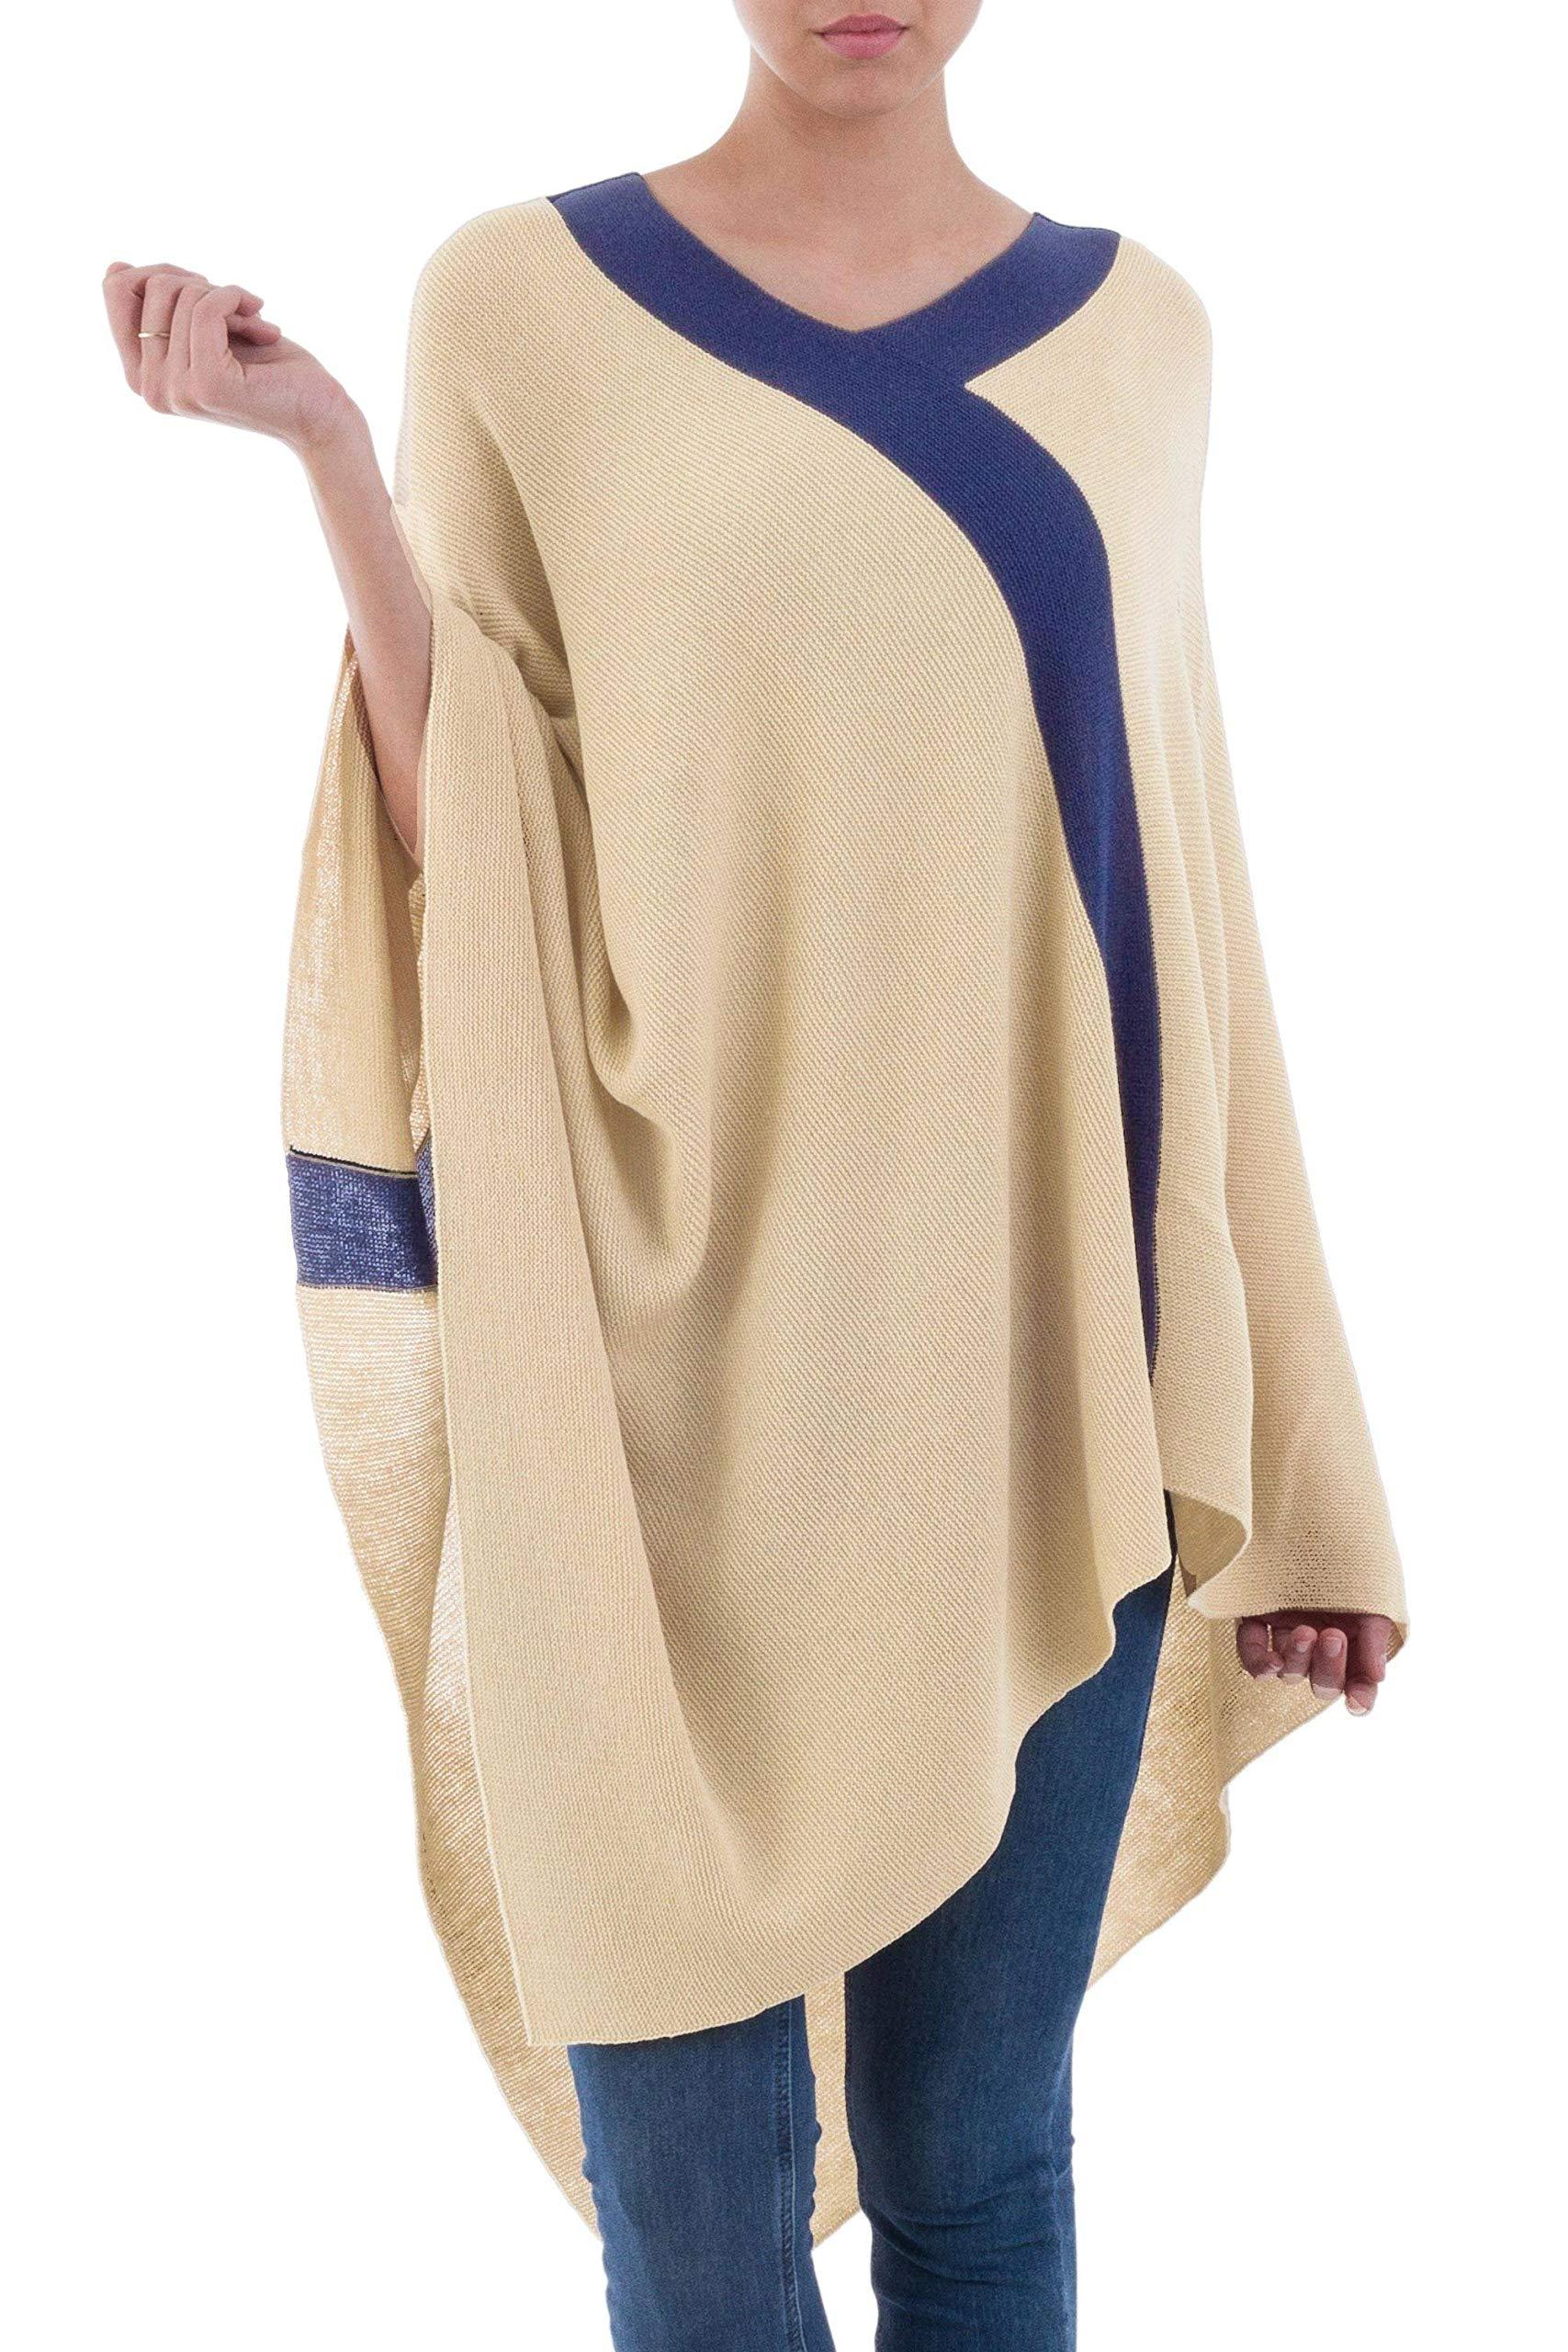 NOVICA Tan and Navy Knit Bohemian Drape Poncho, Beam of Light'